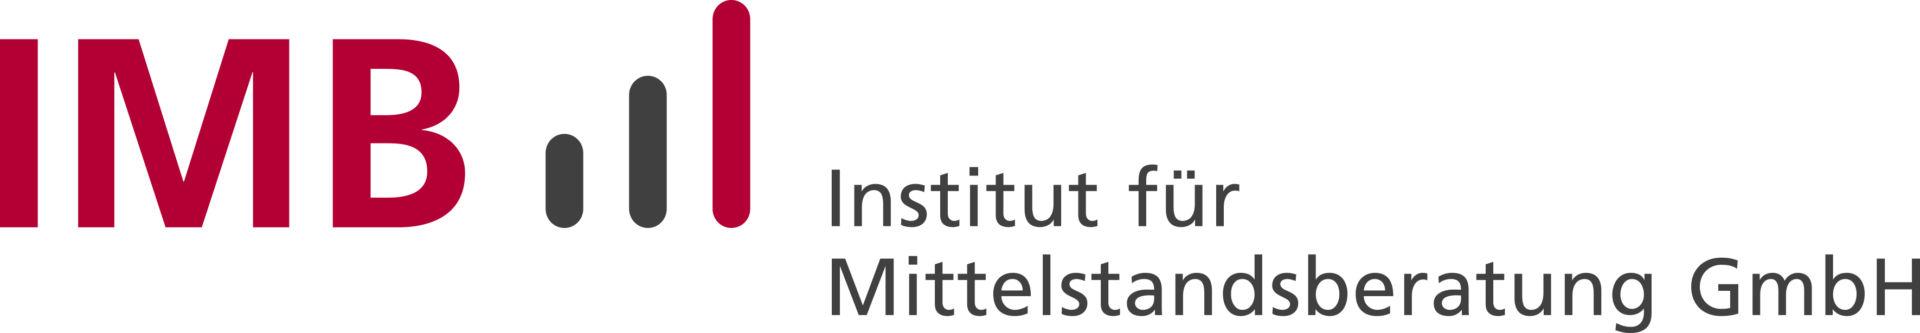 IMB Institut für Mittelstandsberatung GmbH